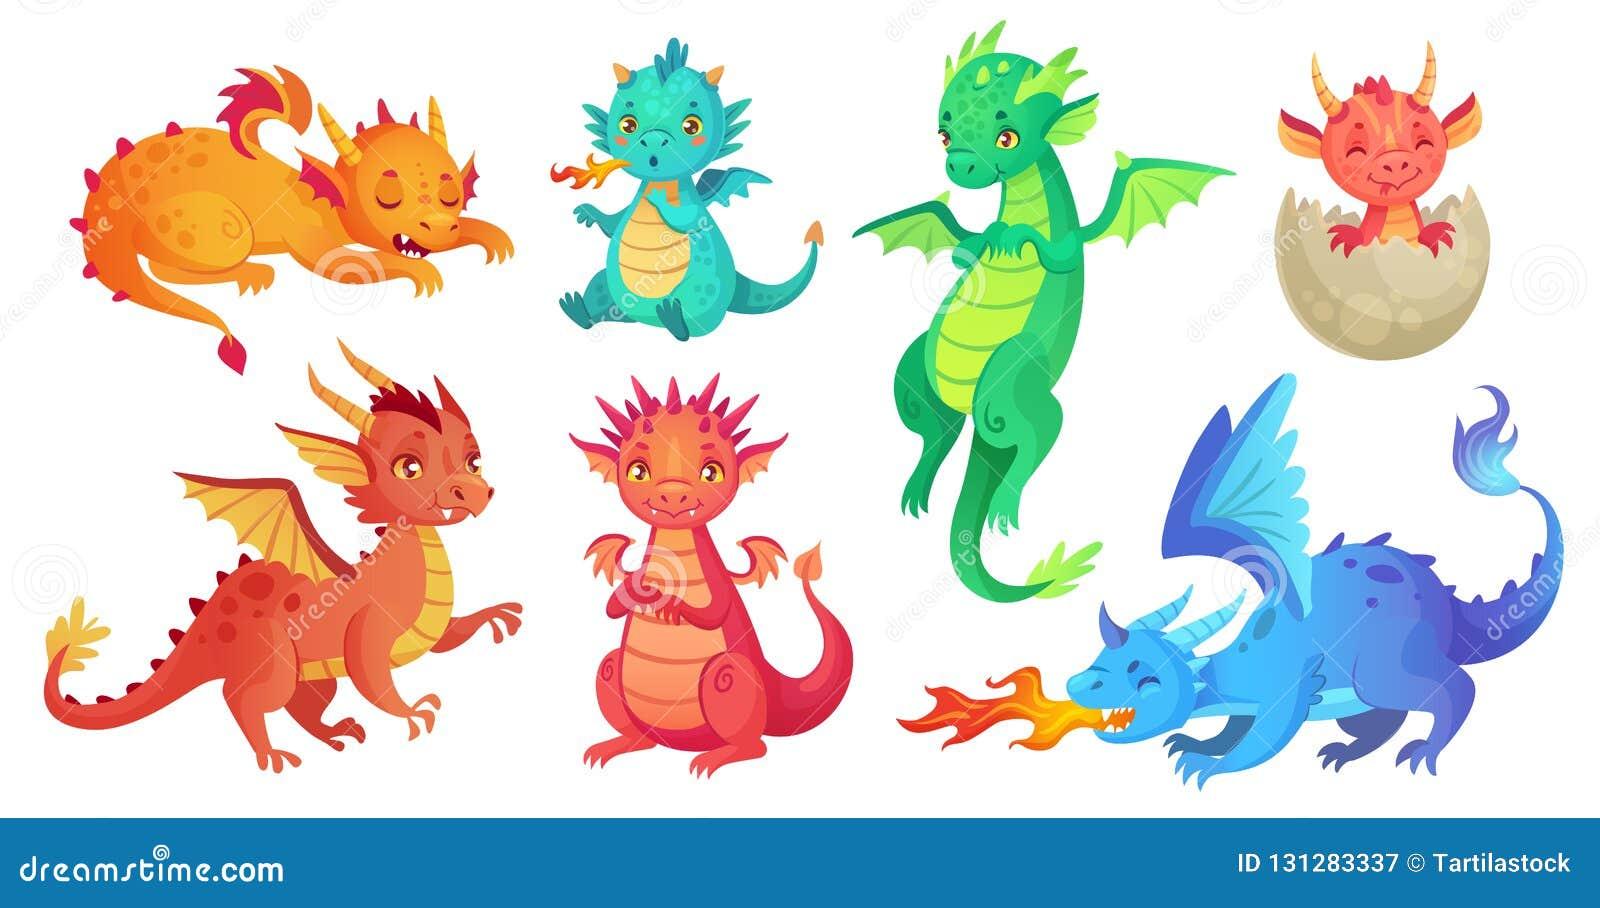 龙孩子 幻想婴孩龙、滑稽的童话爬行动物和中世纪传奇射击被隔绝的呼吸的蛇动画片